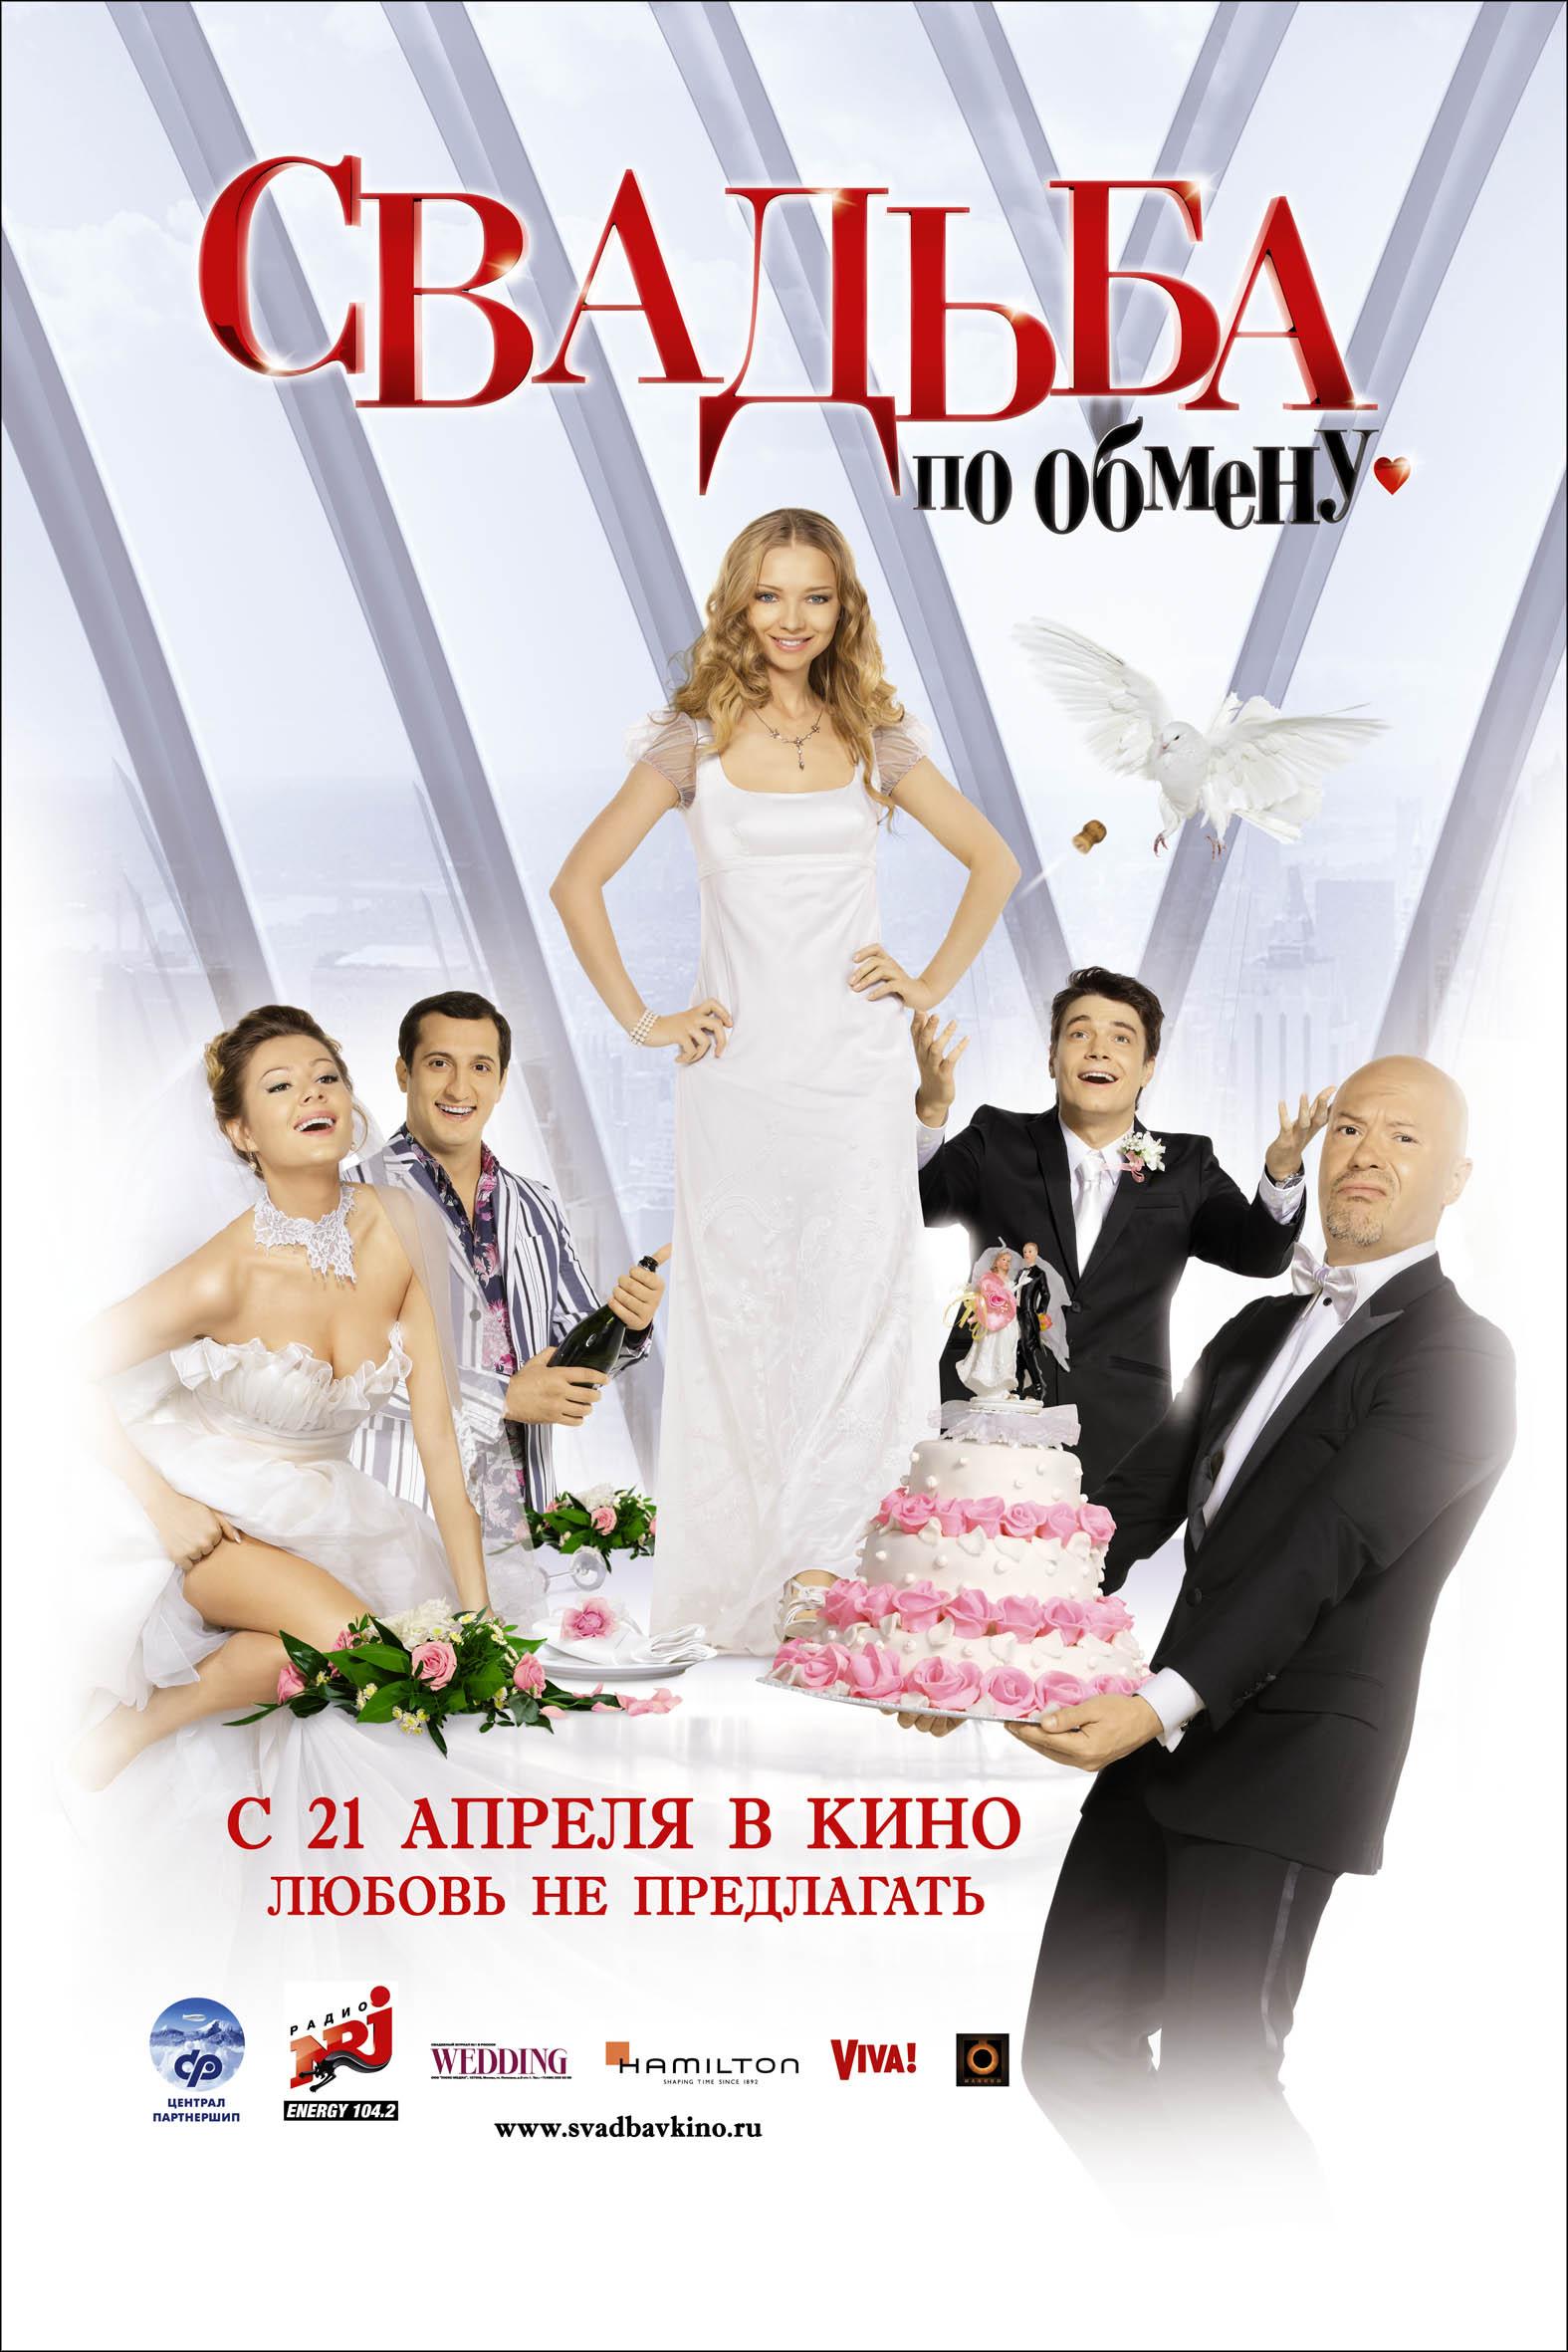 Смотреть бесплатно свадьба по обмену 2 8 фотография